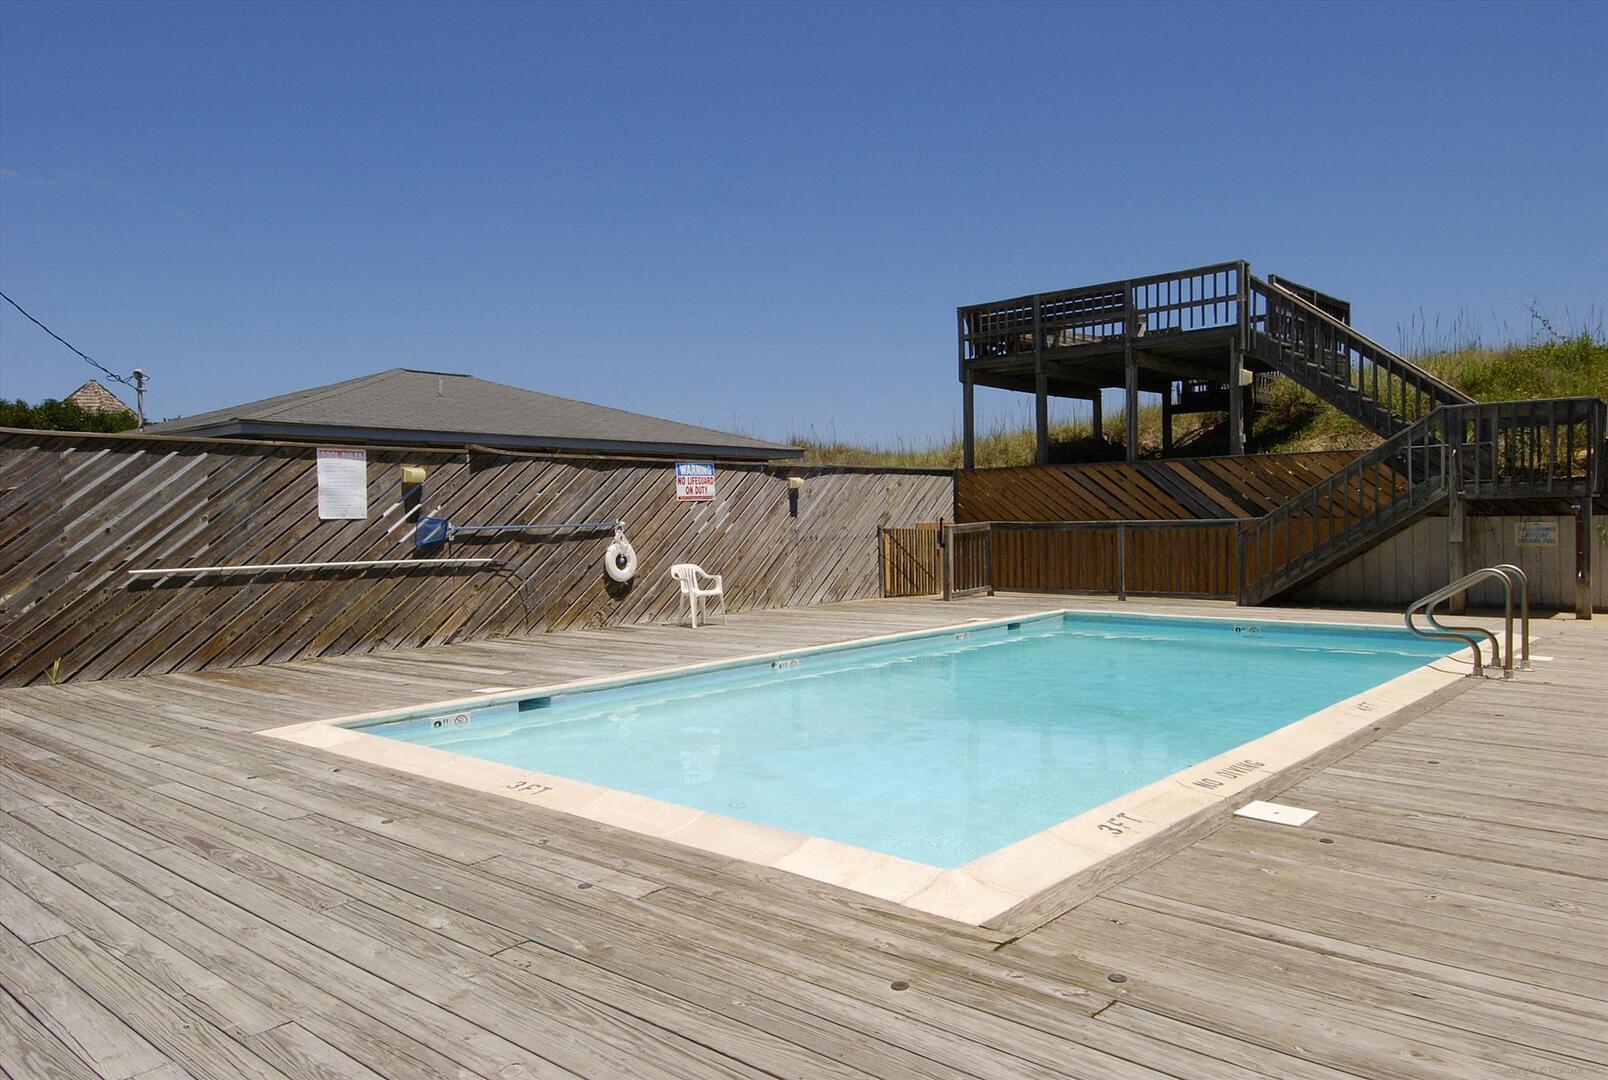 Amenity,Sea Oats Villas Pool,